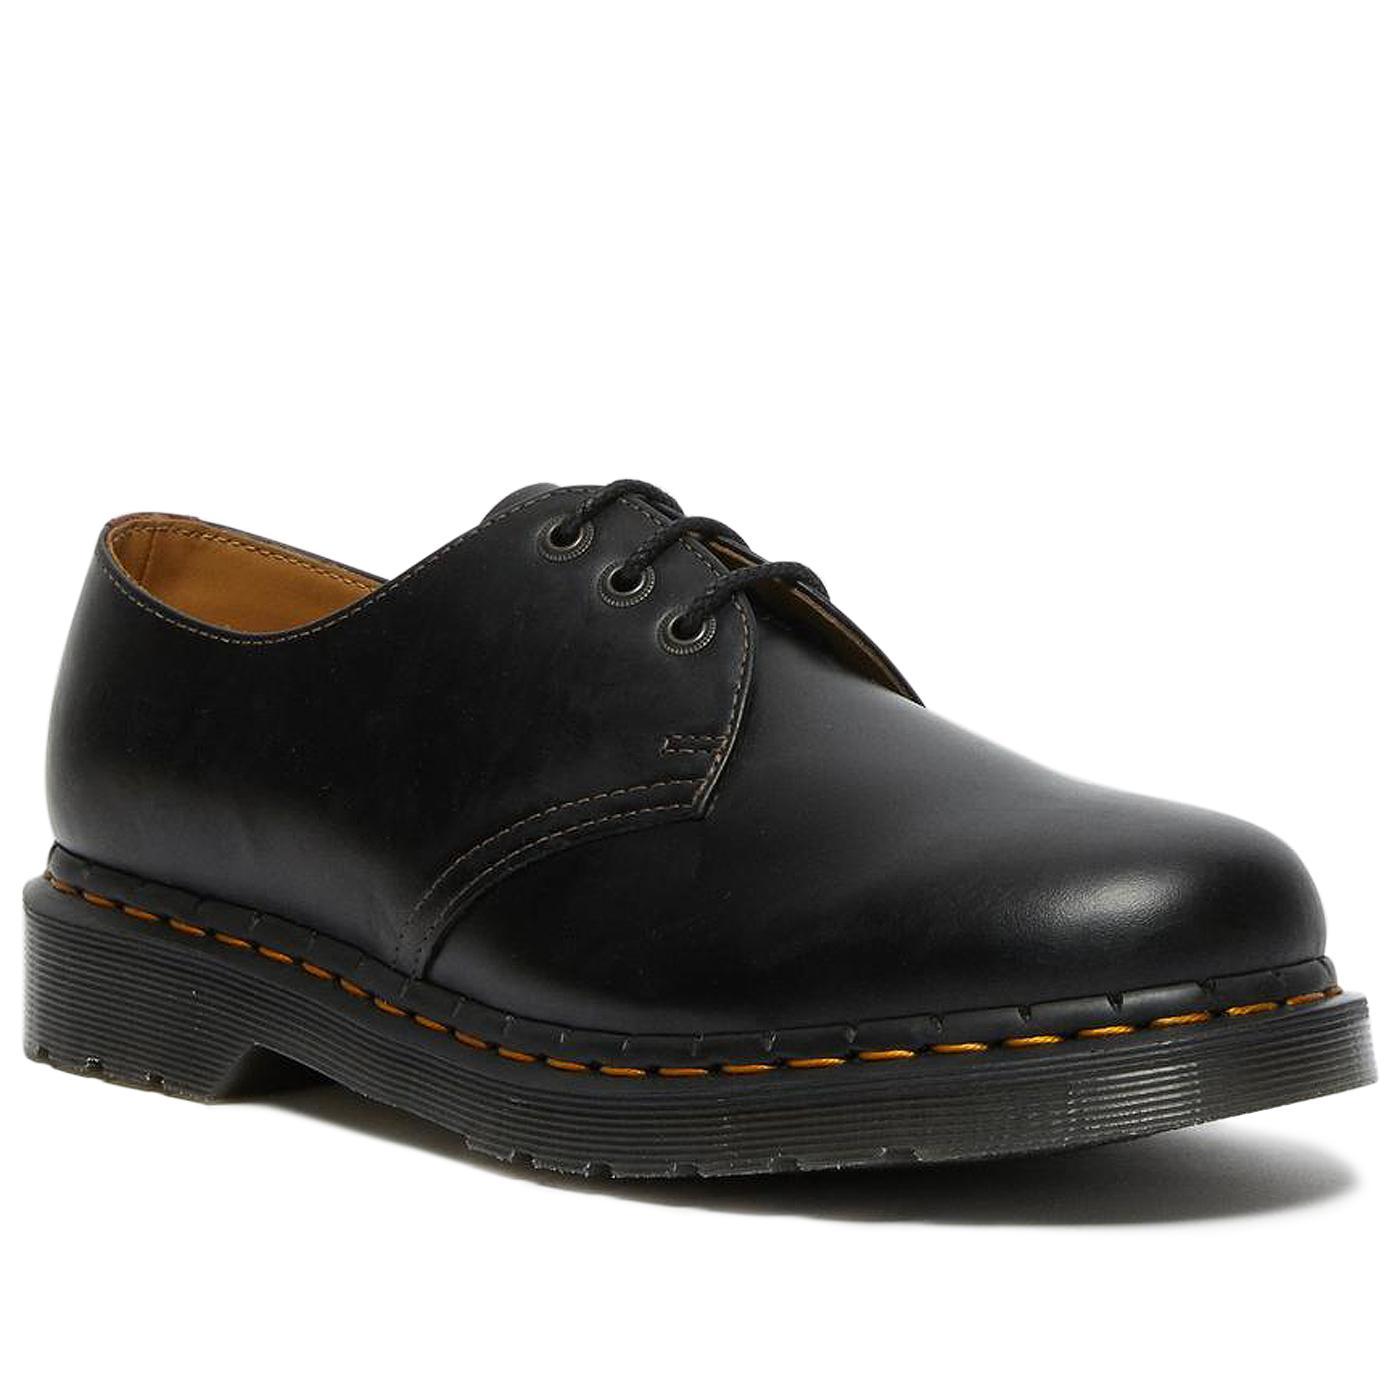 1461 Abruzzo WP DR MARTENS Mod Shoes (Black/Brown)